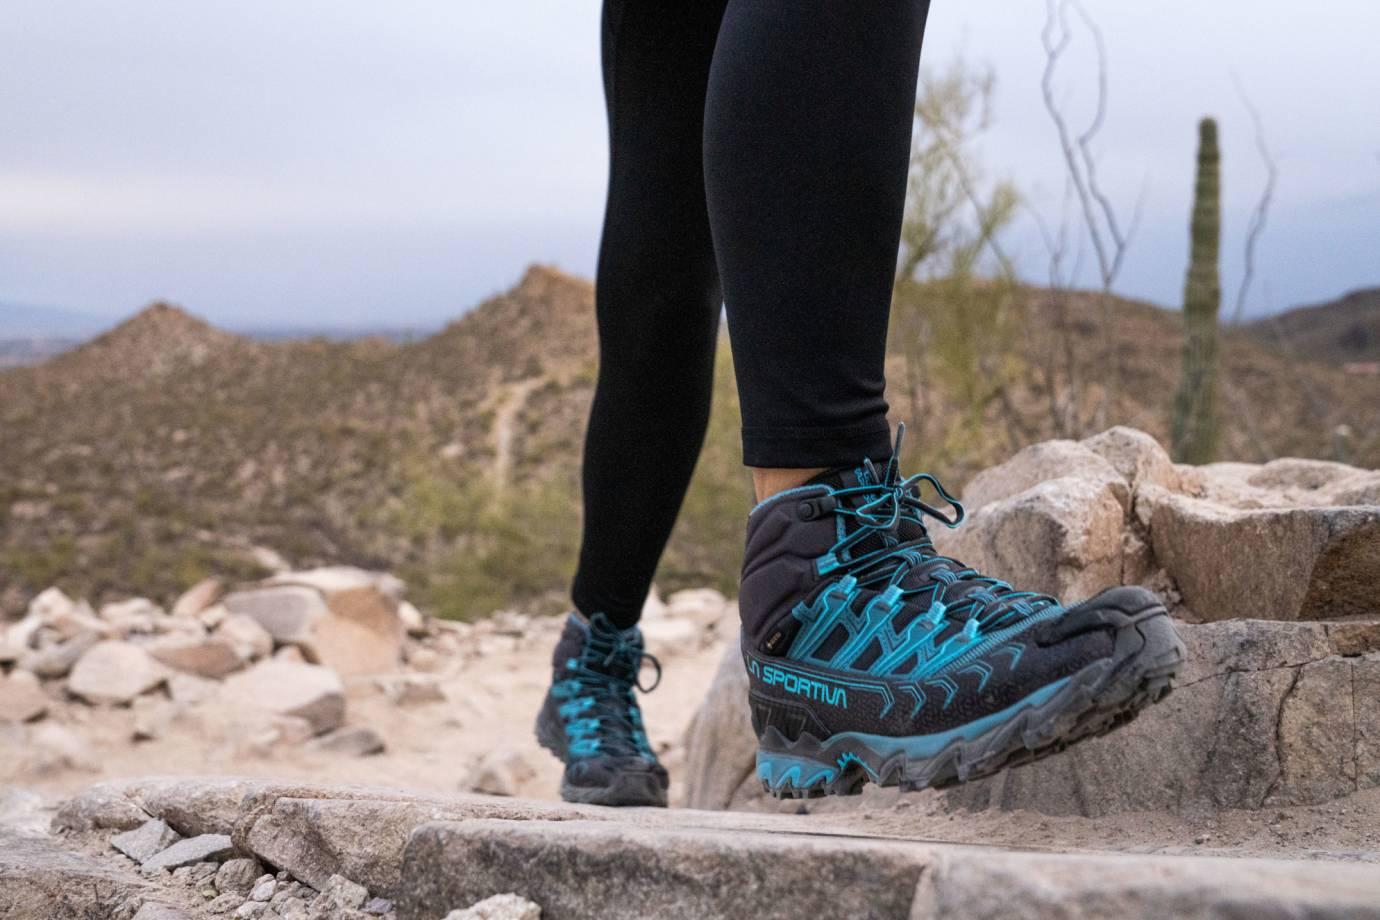 La Sportiva Ultra Raptor II Mid GTX Hiking Boots W Tucson